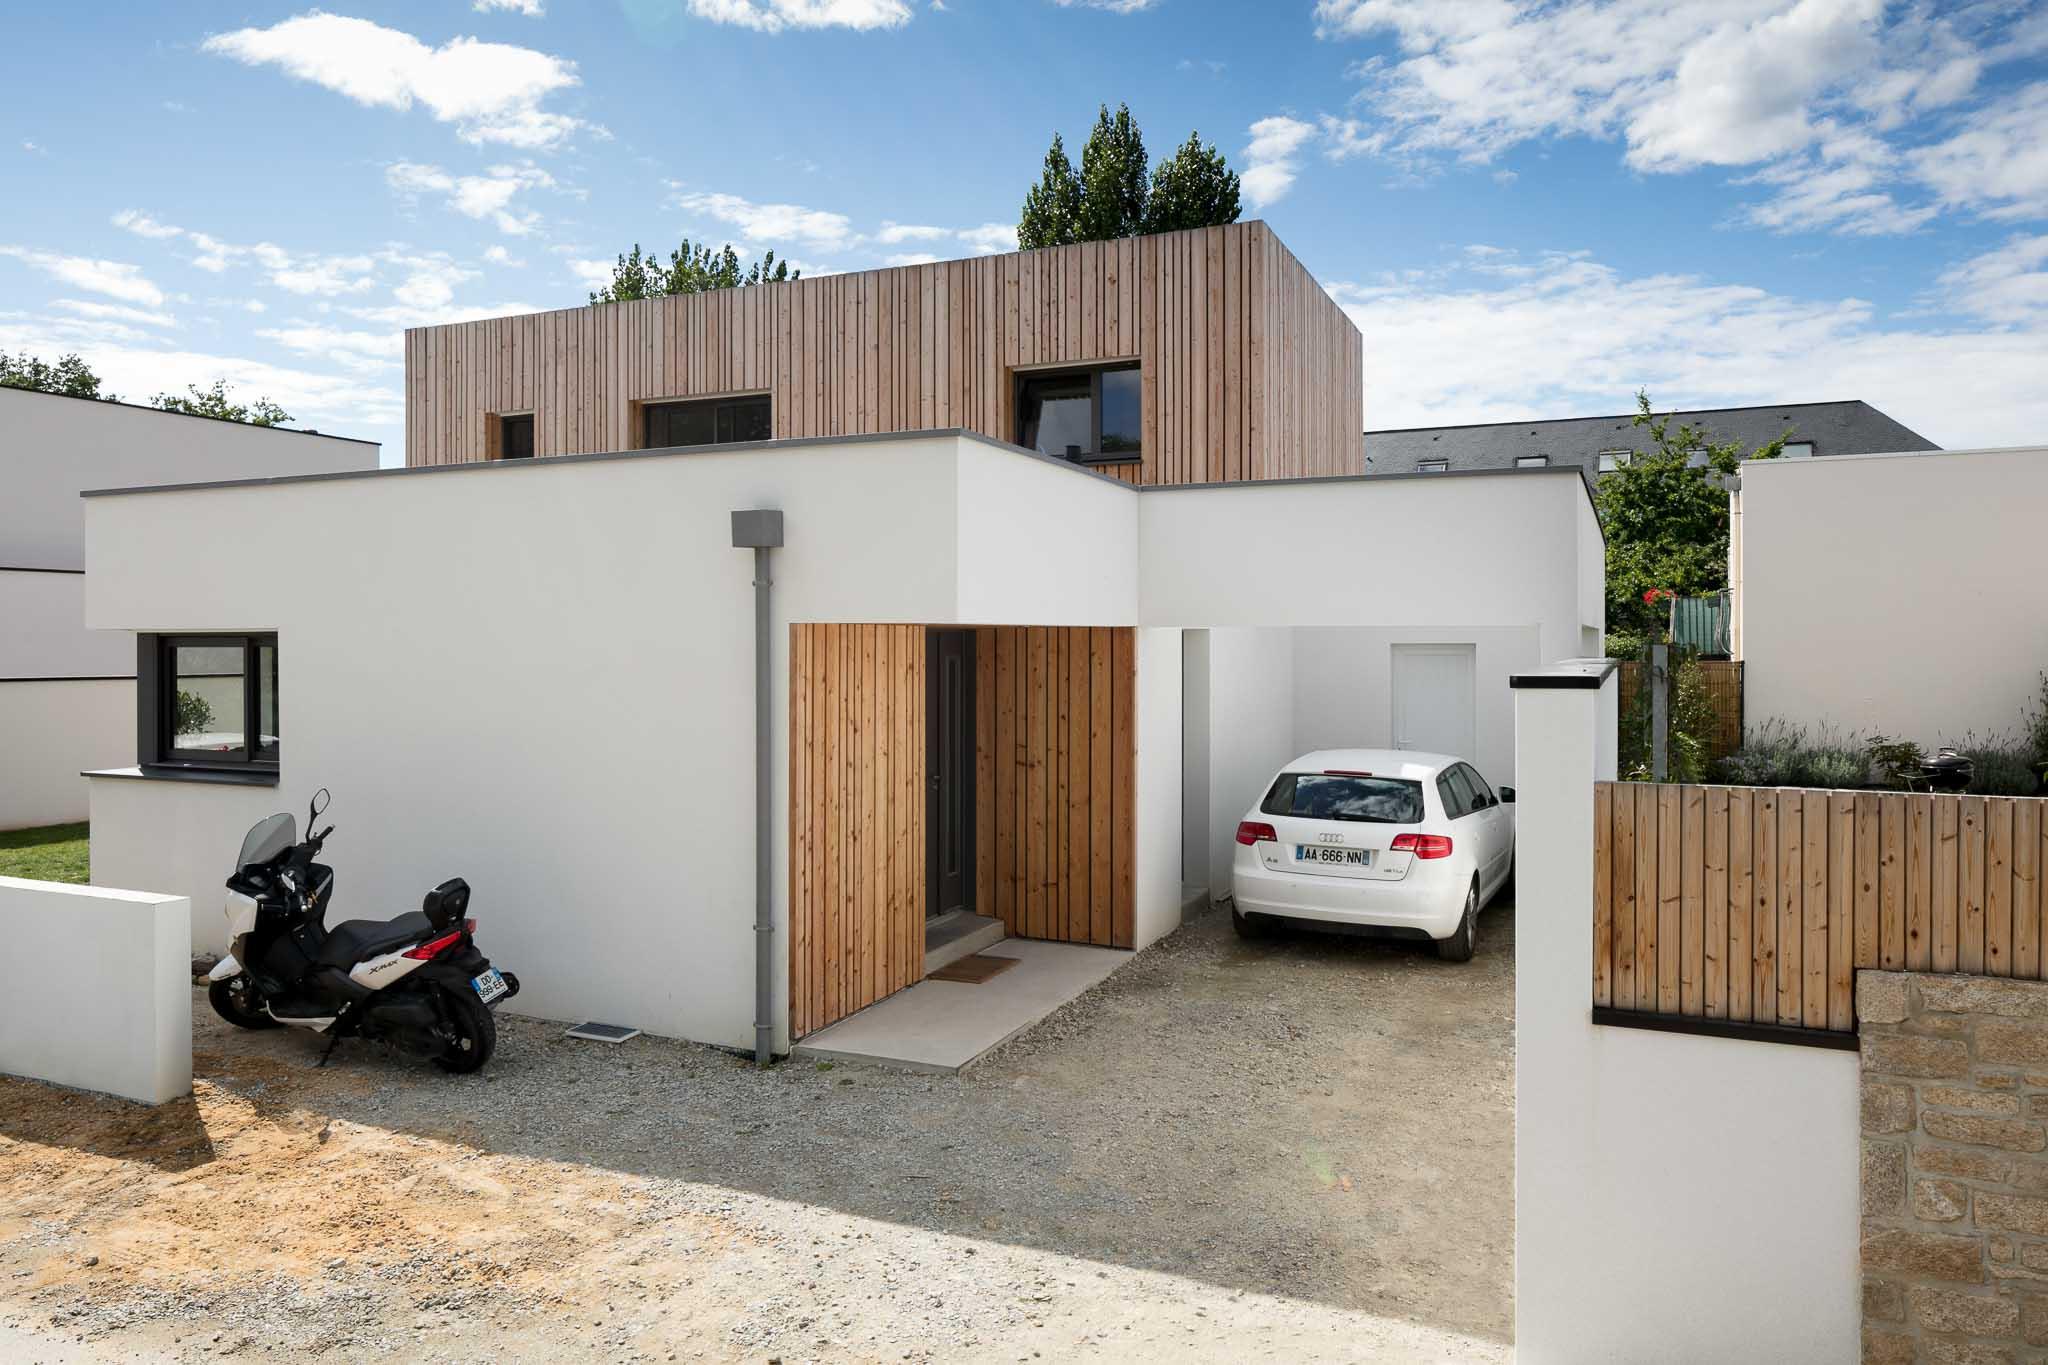 Maison-cubique-4